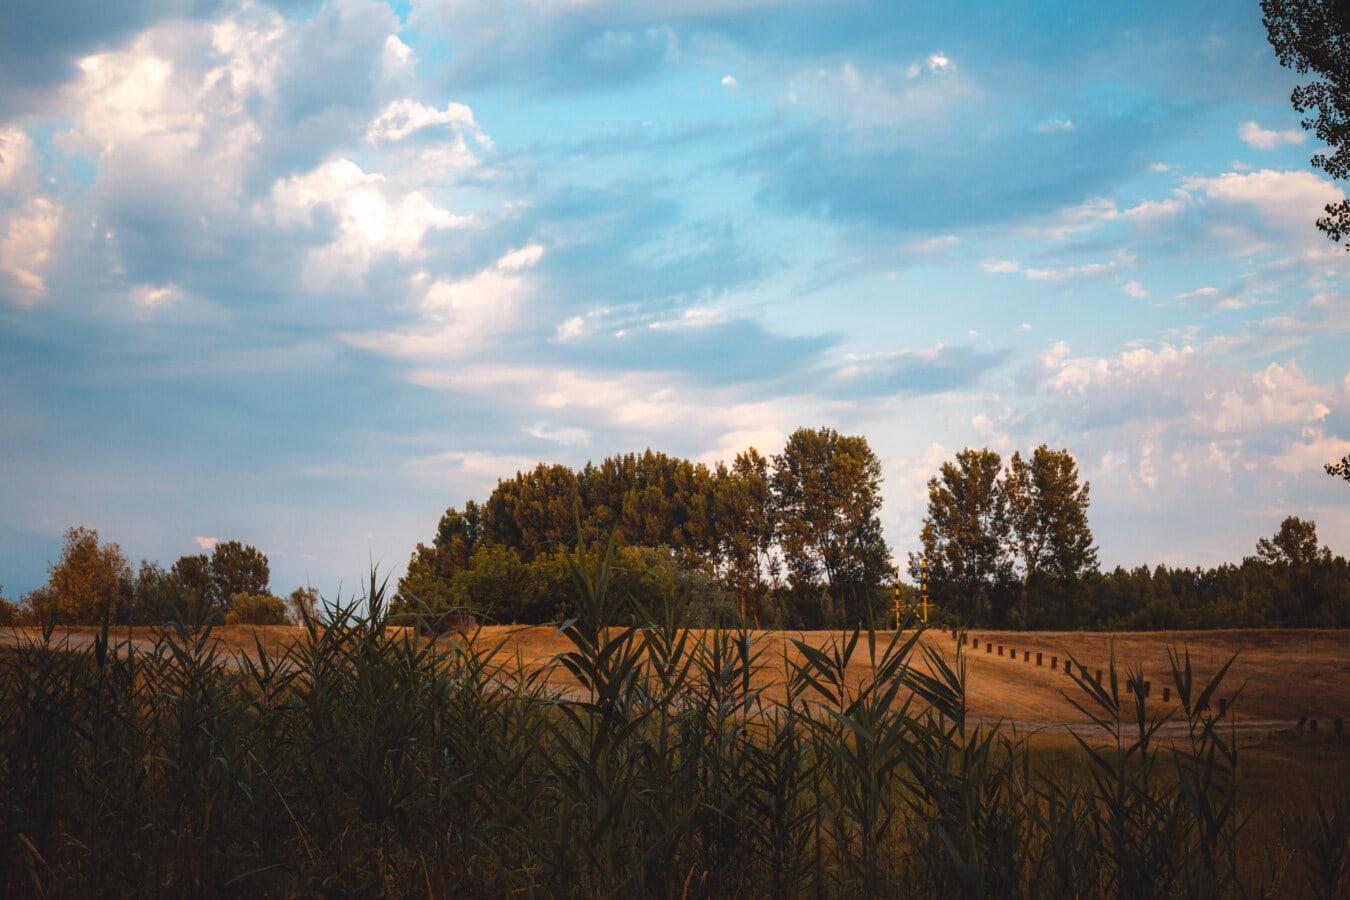 drumul, plop tremurător, coastă de deal, mare, iarba, Sezonul de vară, atmosfera, rurale, peisaj, câmp